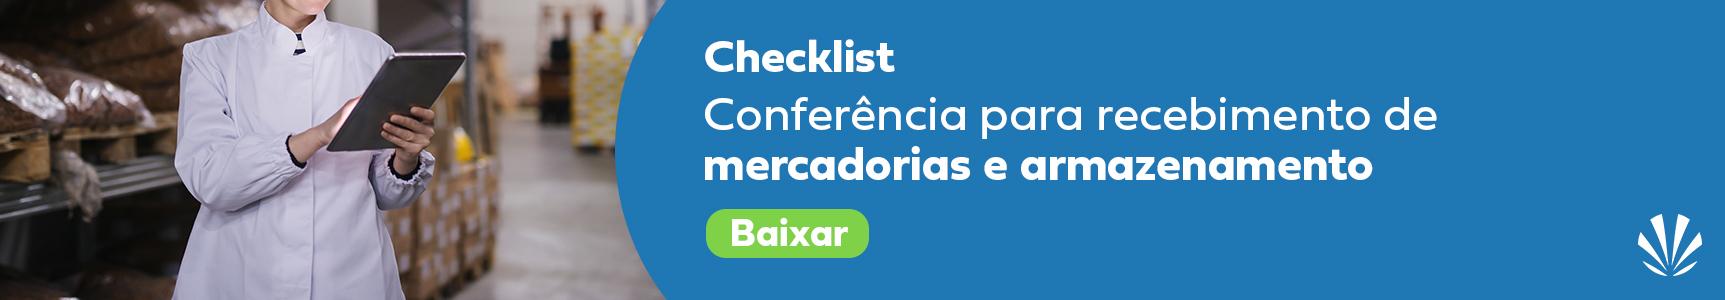 Conferencia para recebimento de mercadorias e armazenamento